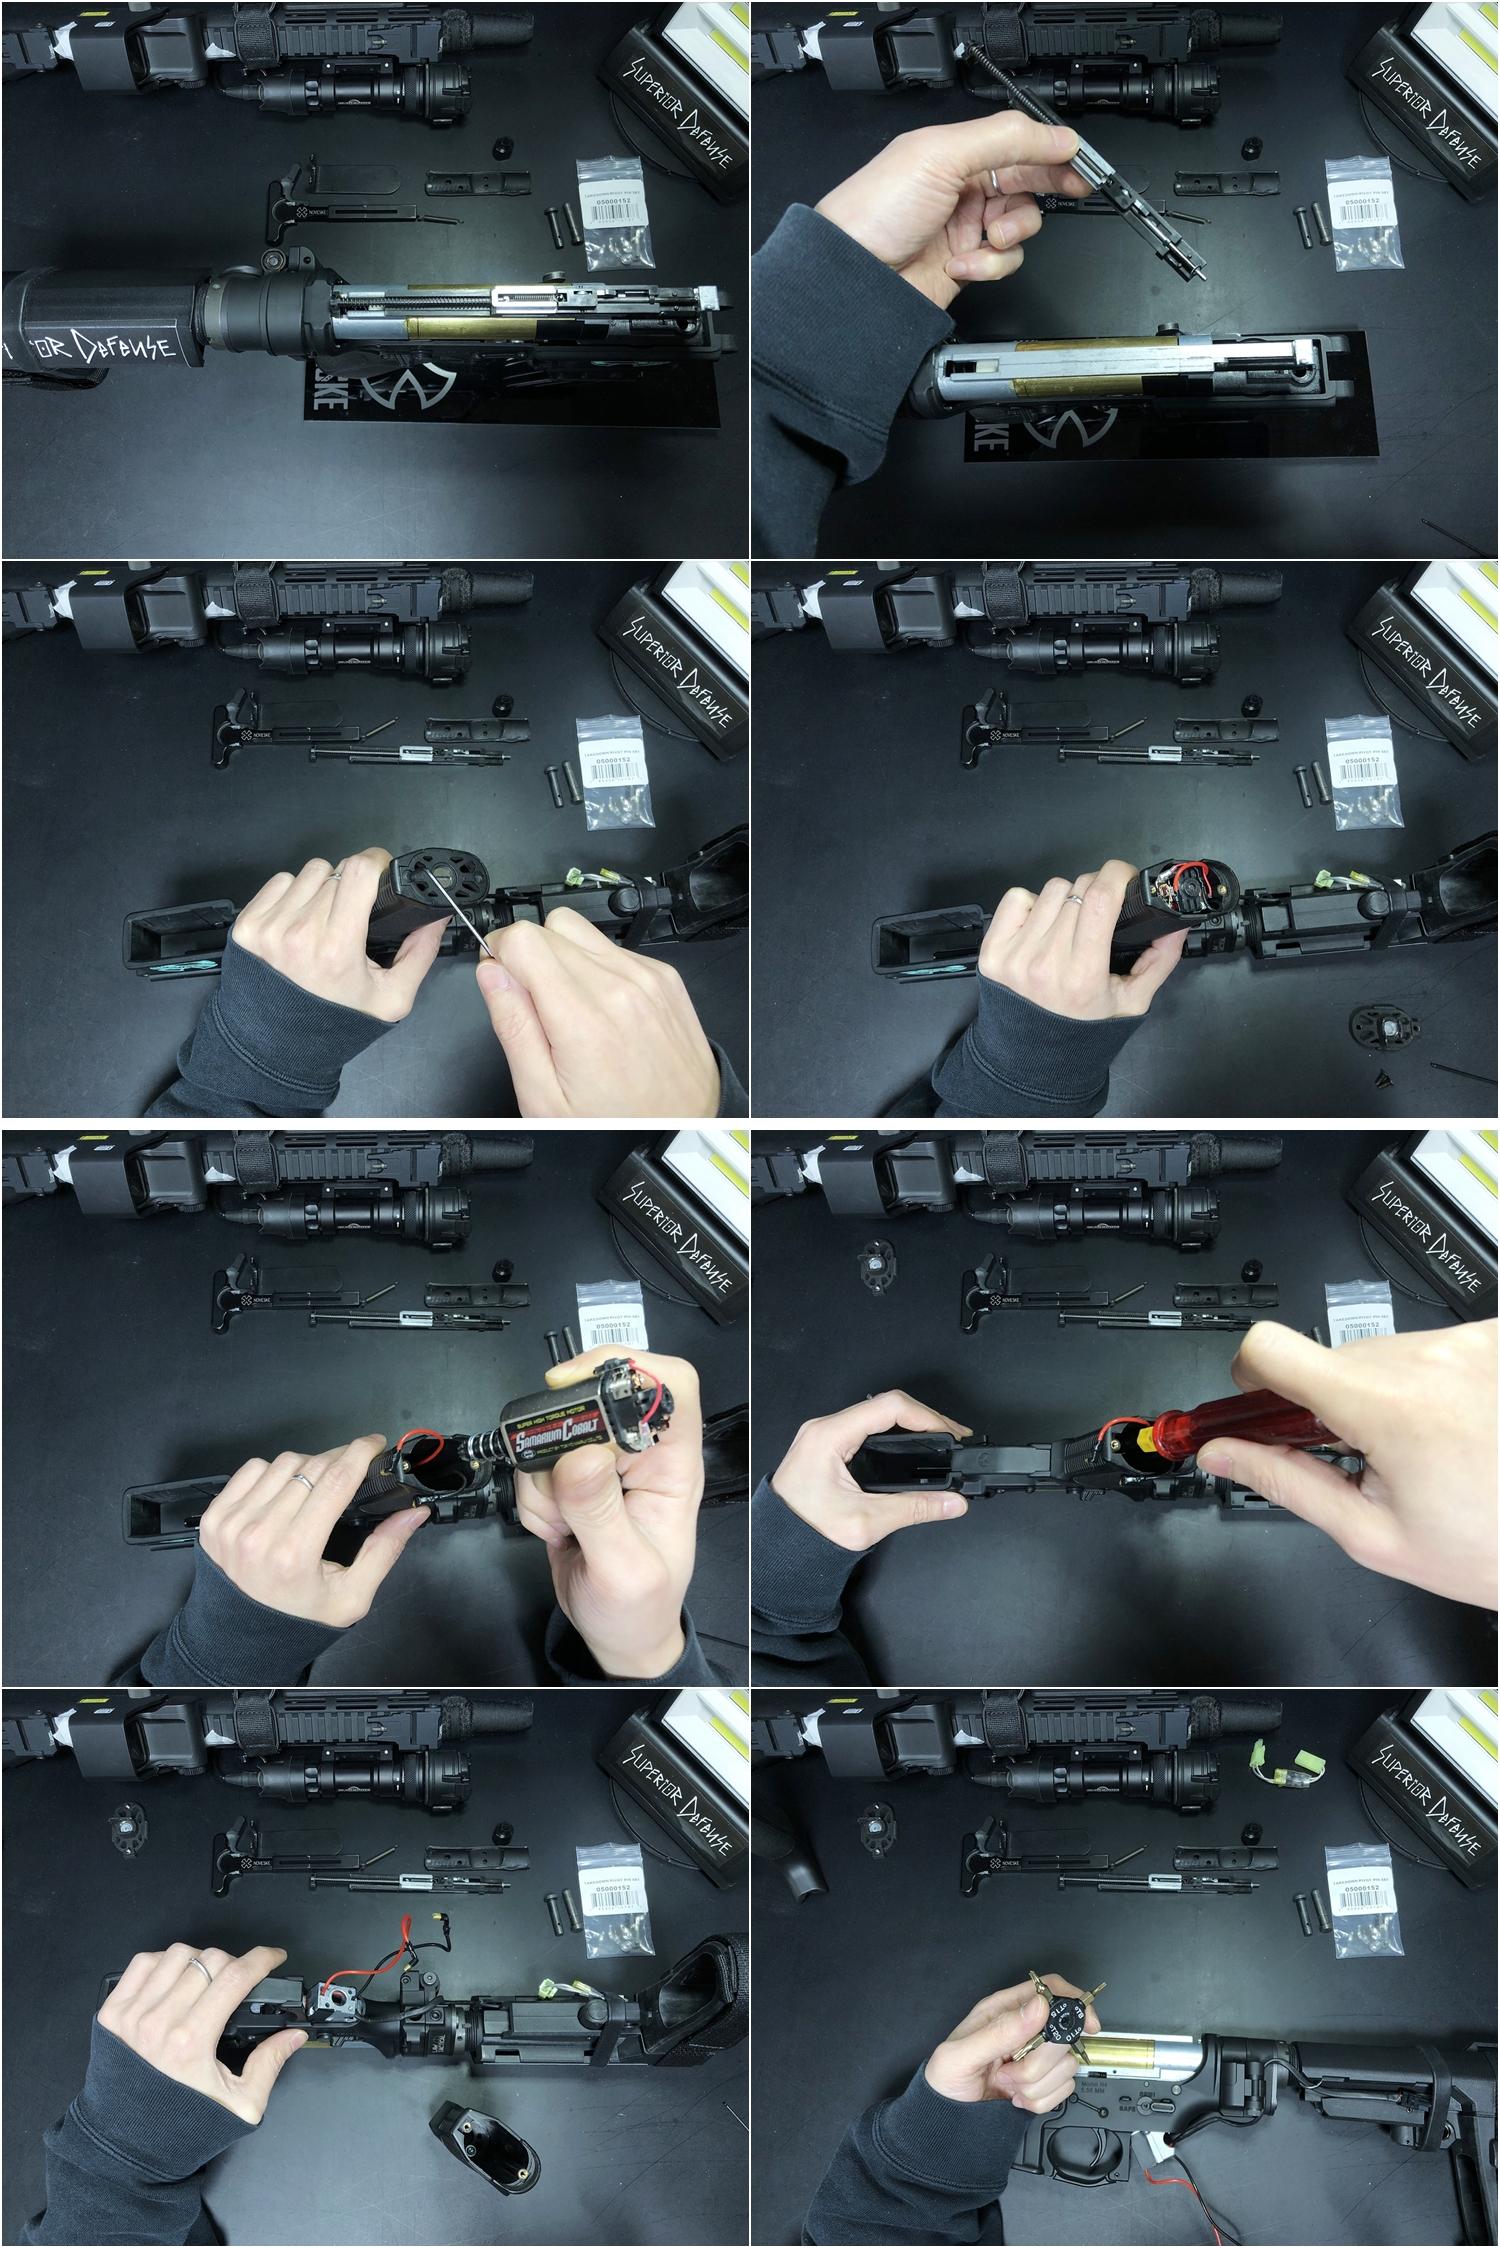 18 実物 NOVESKE AR-15 TAKEDOWN & PIVOT STEEL PIN!! 実物ピンを次世代M4へ対応させるべく簡易的DIY加工だ!ノベスケ ノベスキー スチール テイクダウン ピポッドピン! DIY 加工 カスタム 簡易的 旋盤加工 取付 レビ